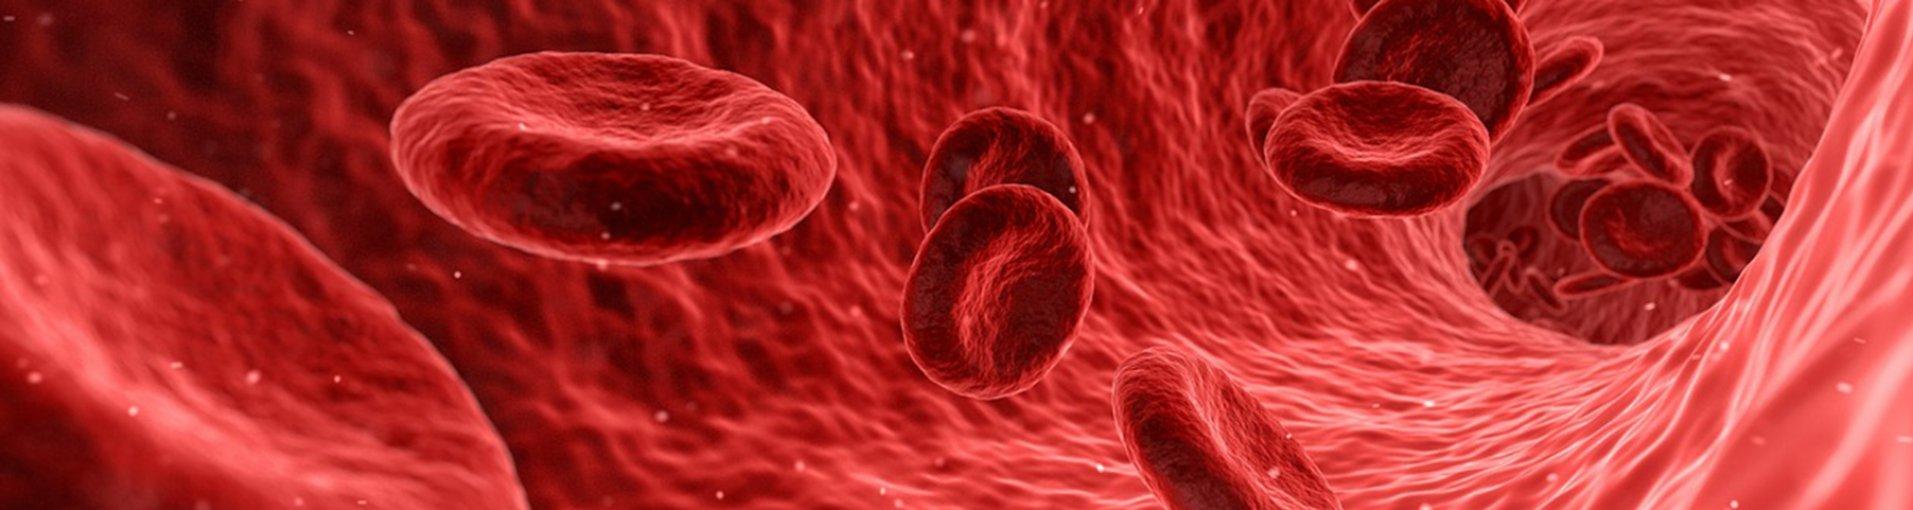 E. coli férfiak péniszében